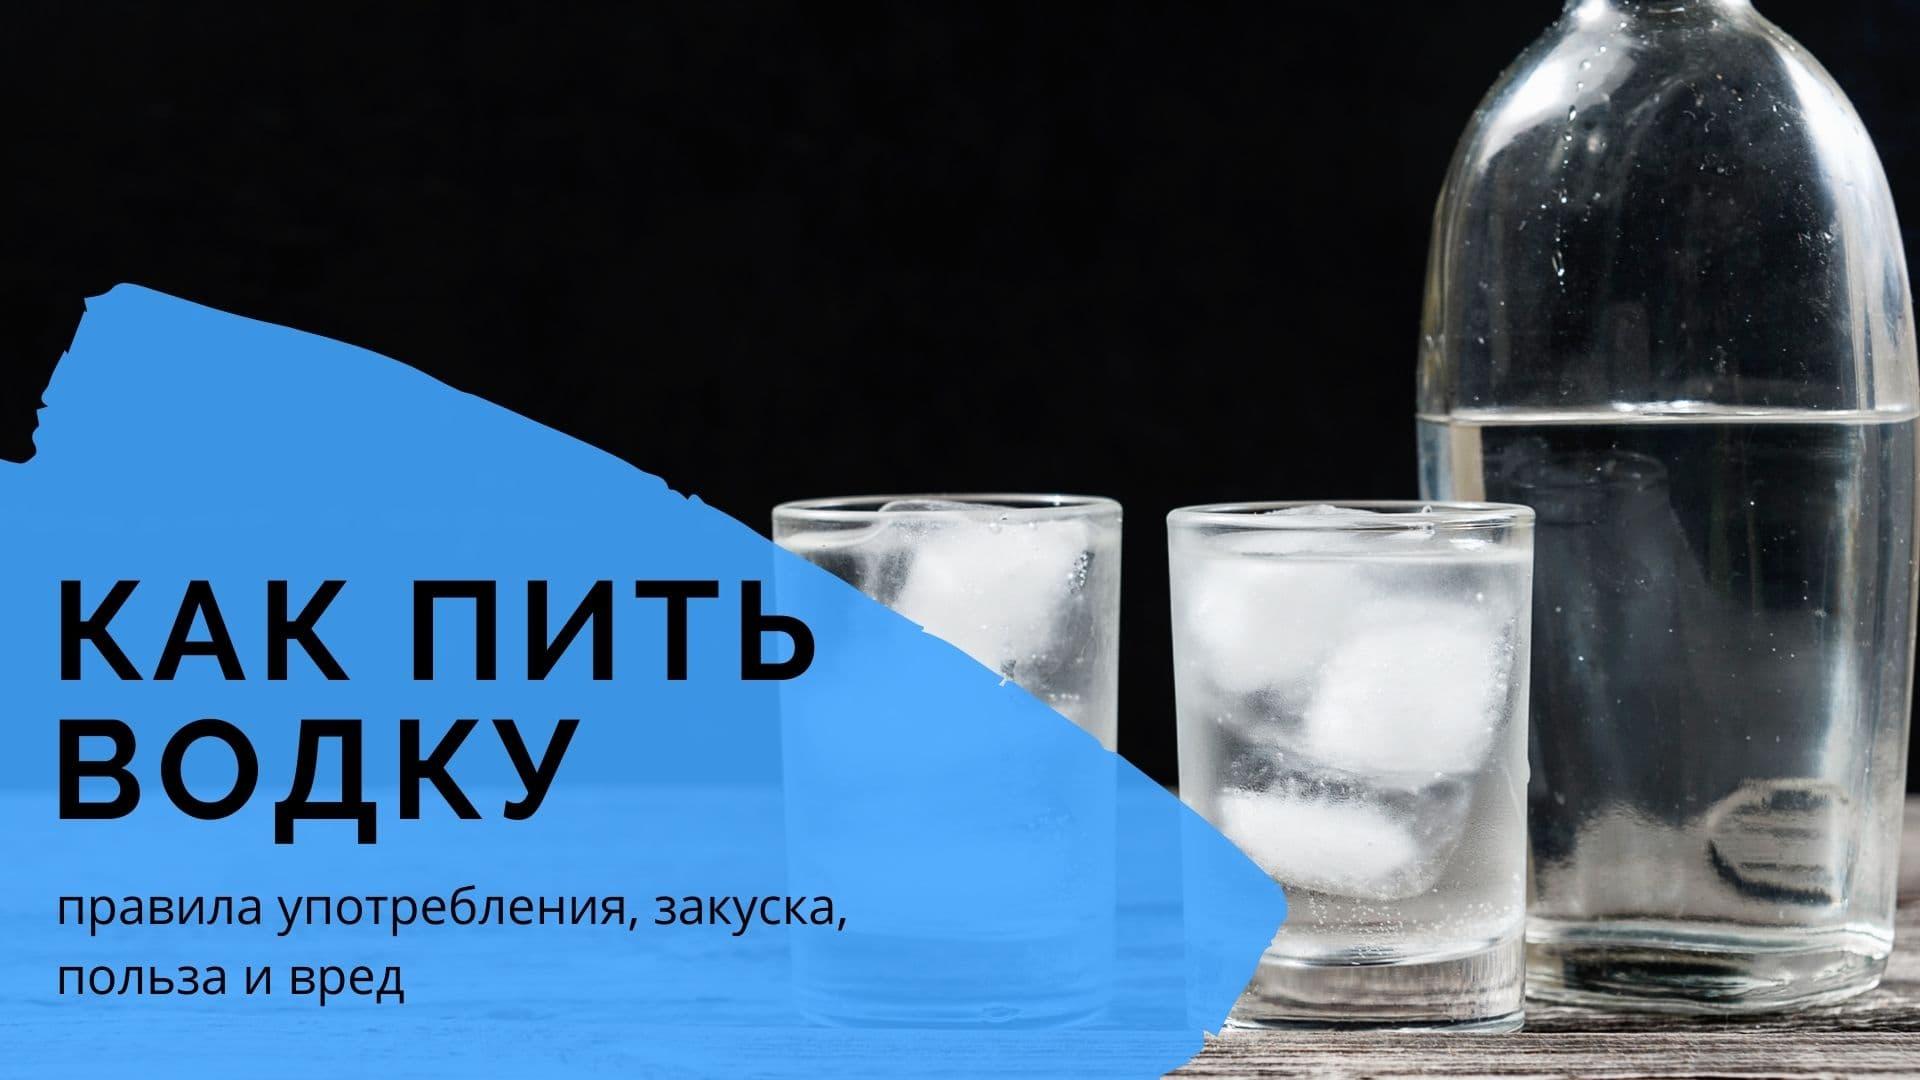 Как пить водку: правила употребления, закуска, польза и вред